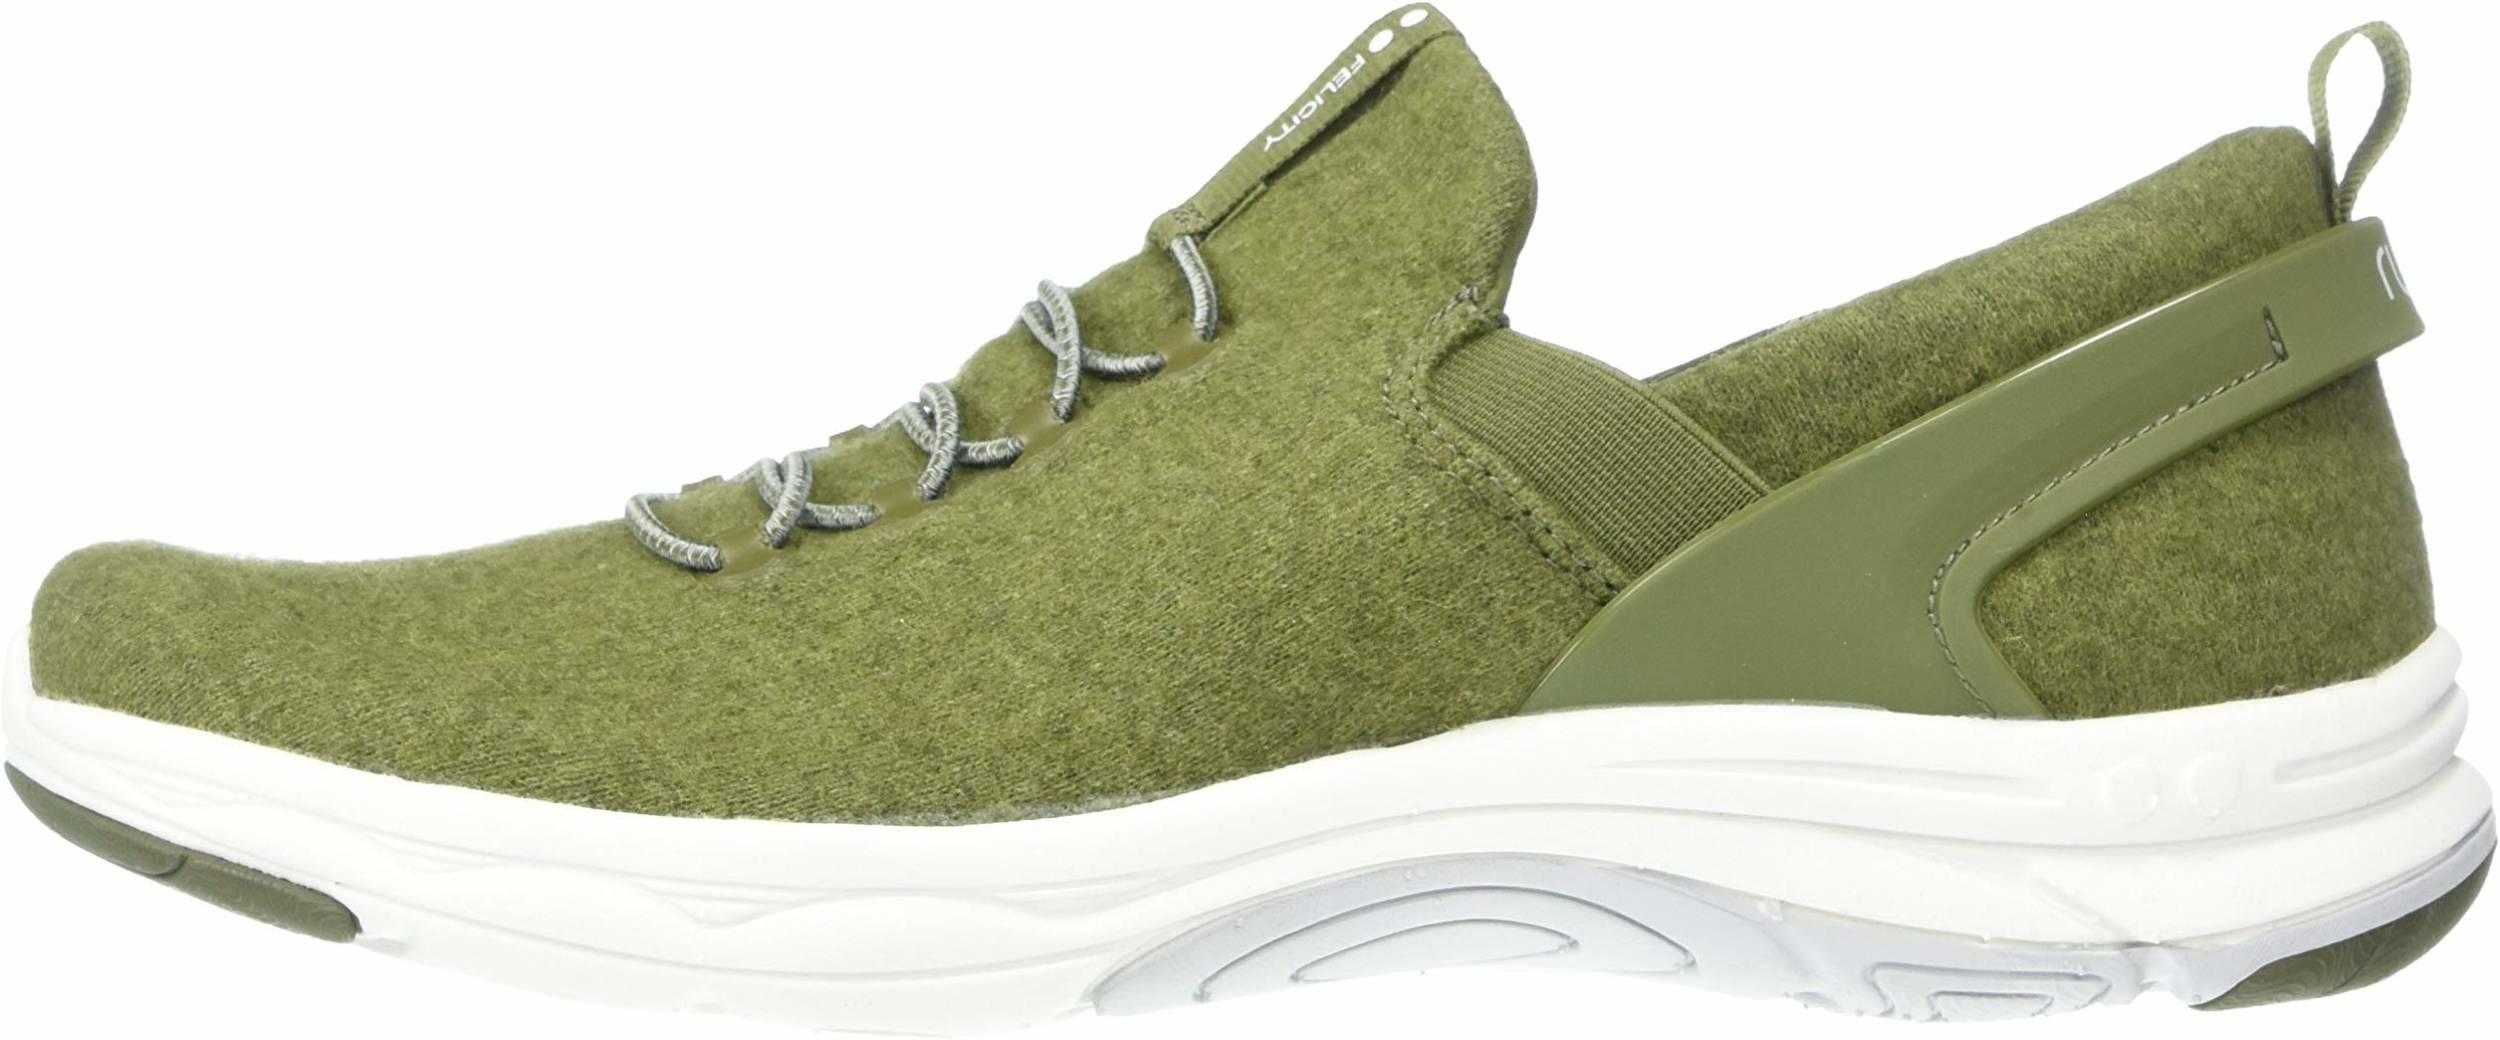 Save 47% on Ryka Walking Shoes (23